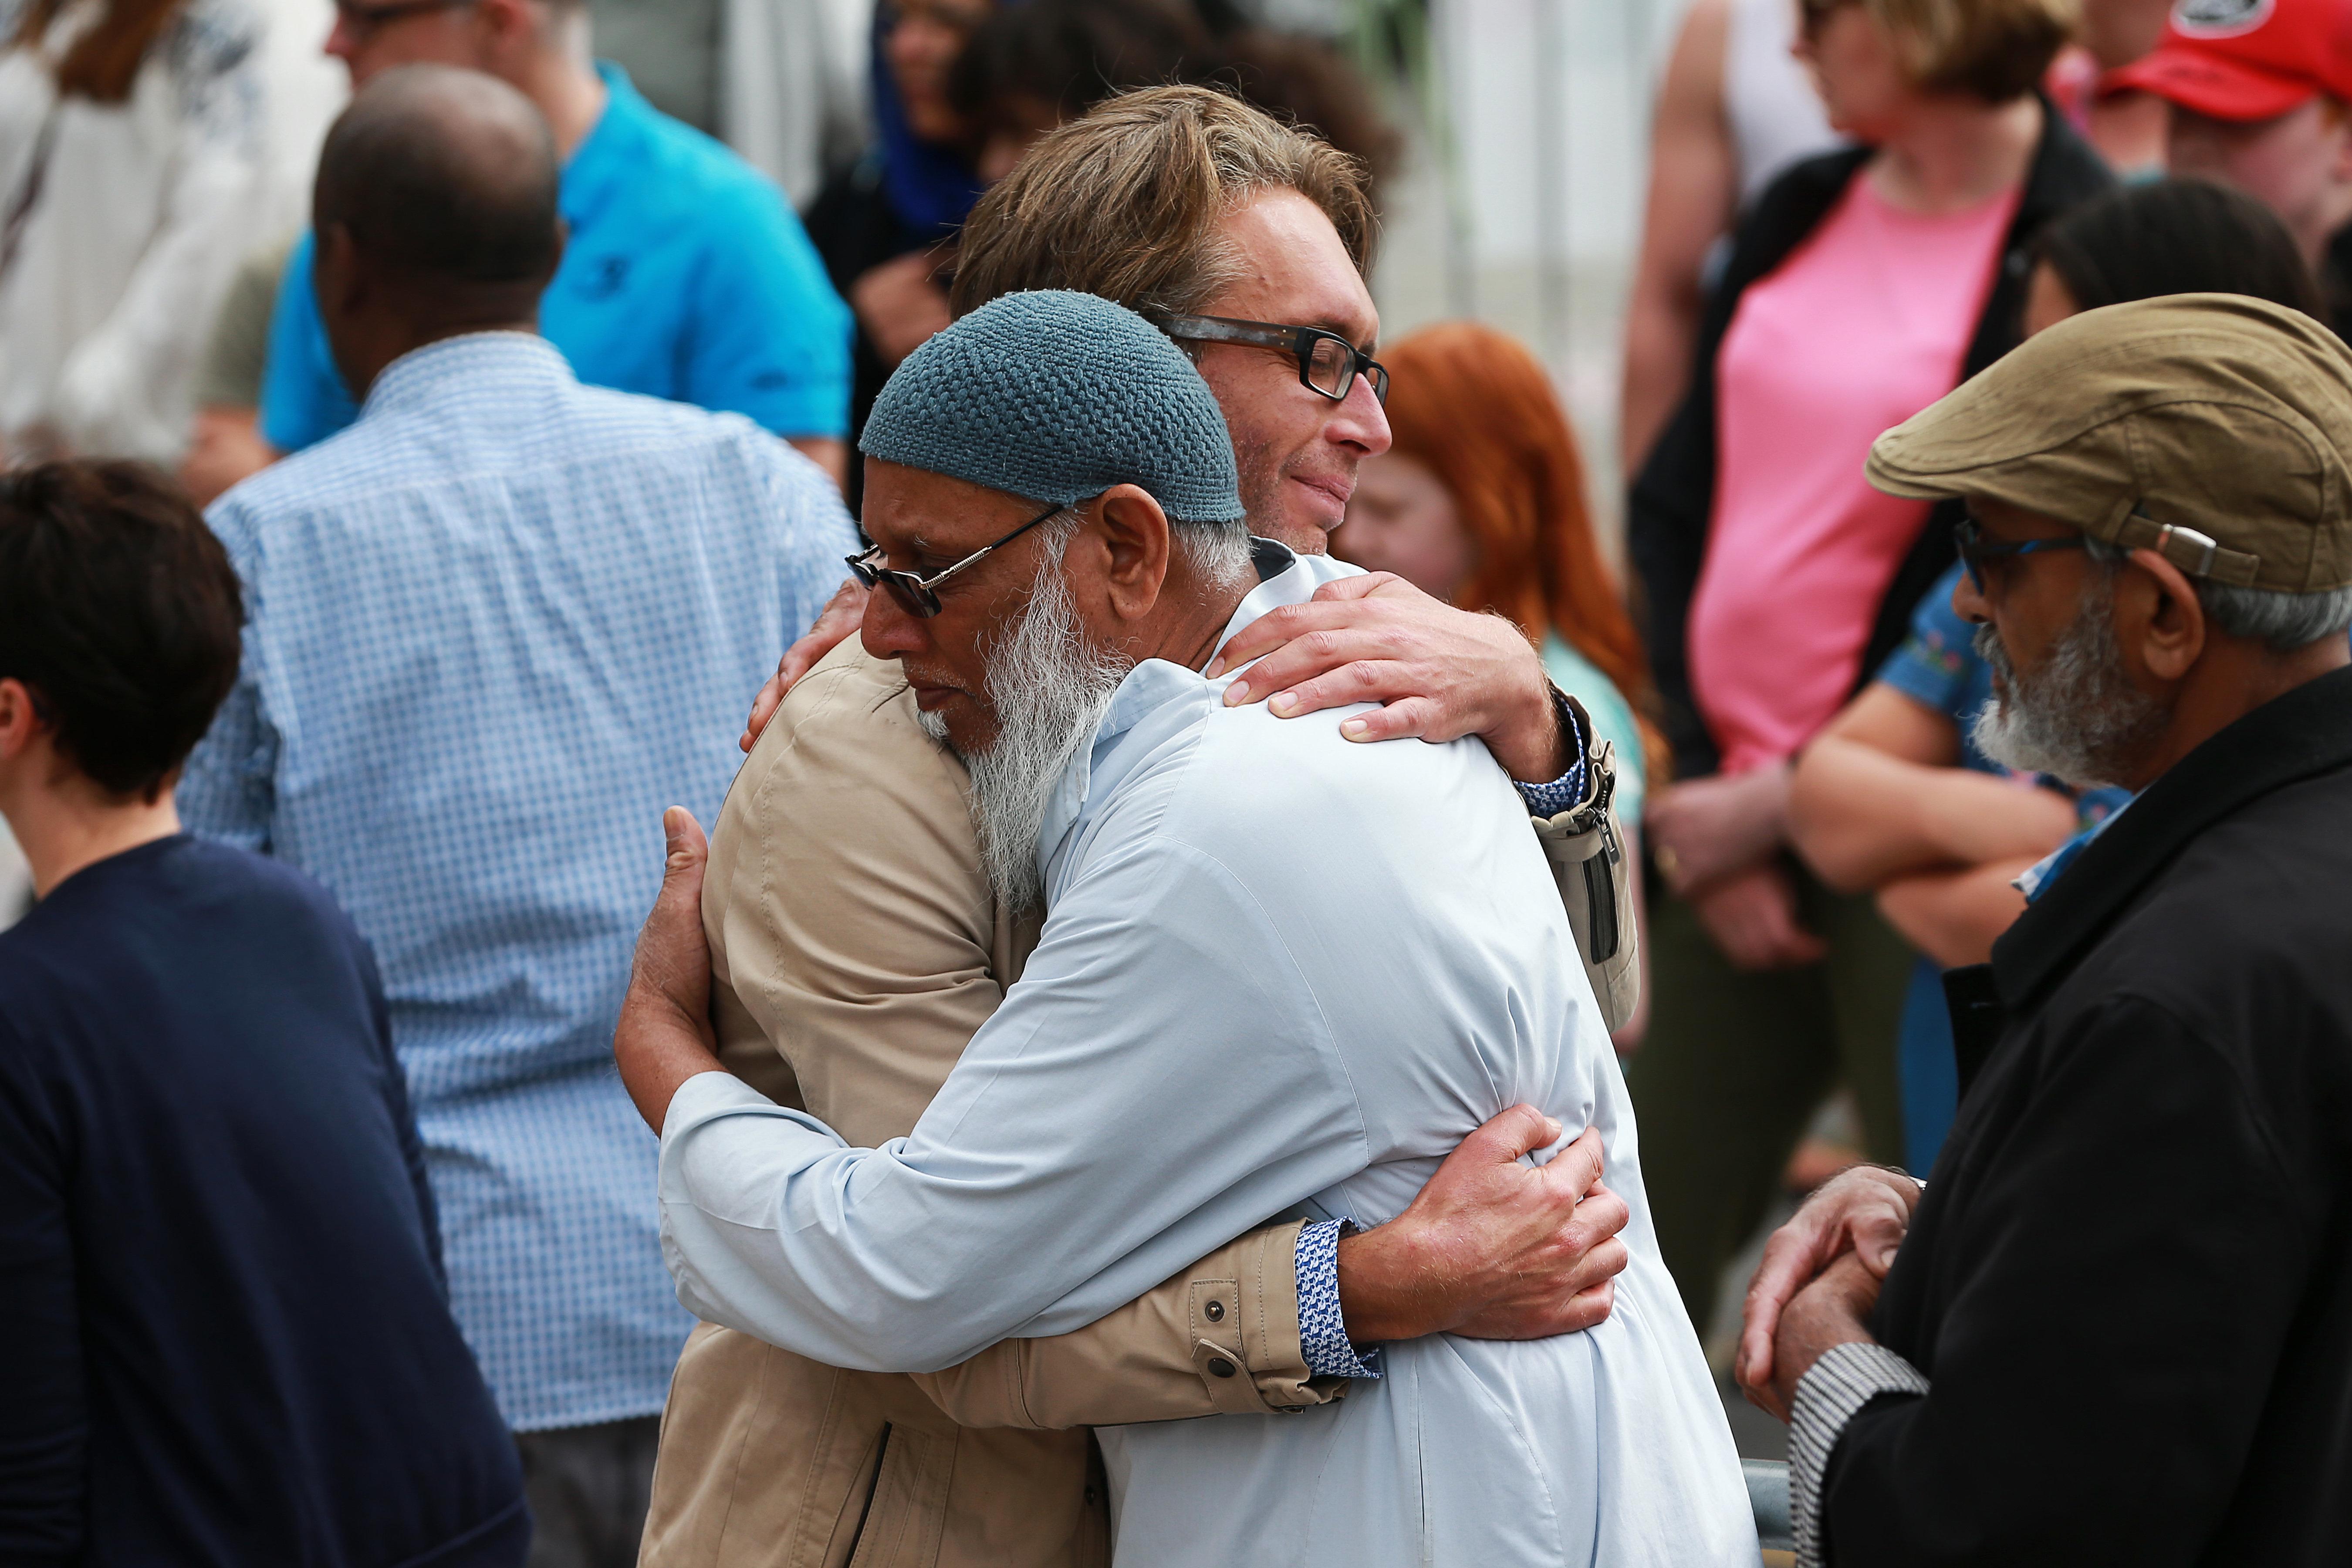 뉴질랜드 웰링턴 킬버니 모스크 앞에 모인 추모객들이 슬픔을 나누고 있다. 2019년